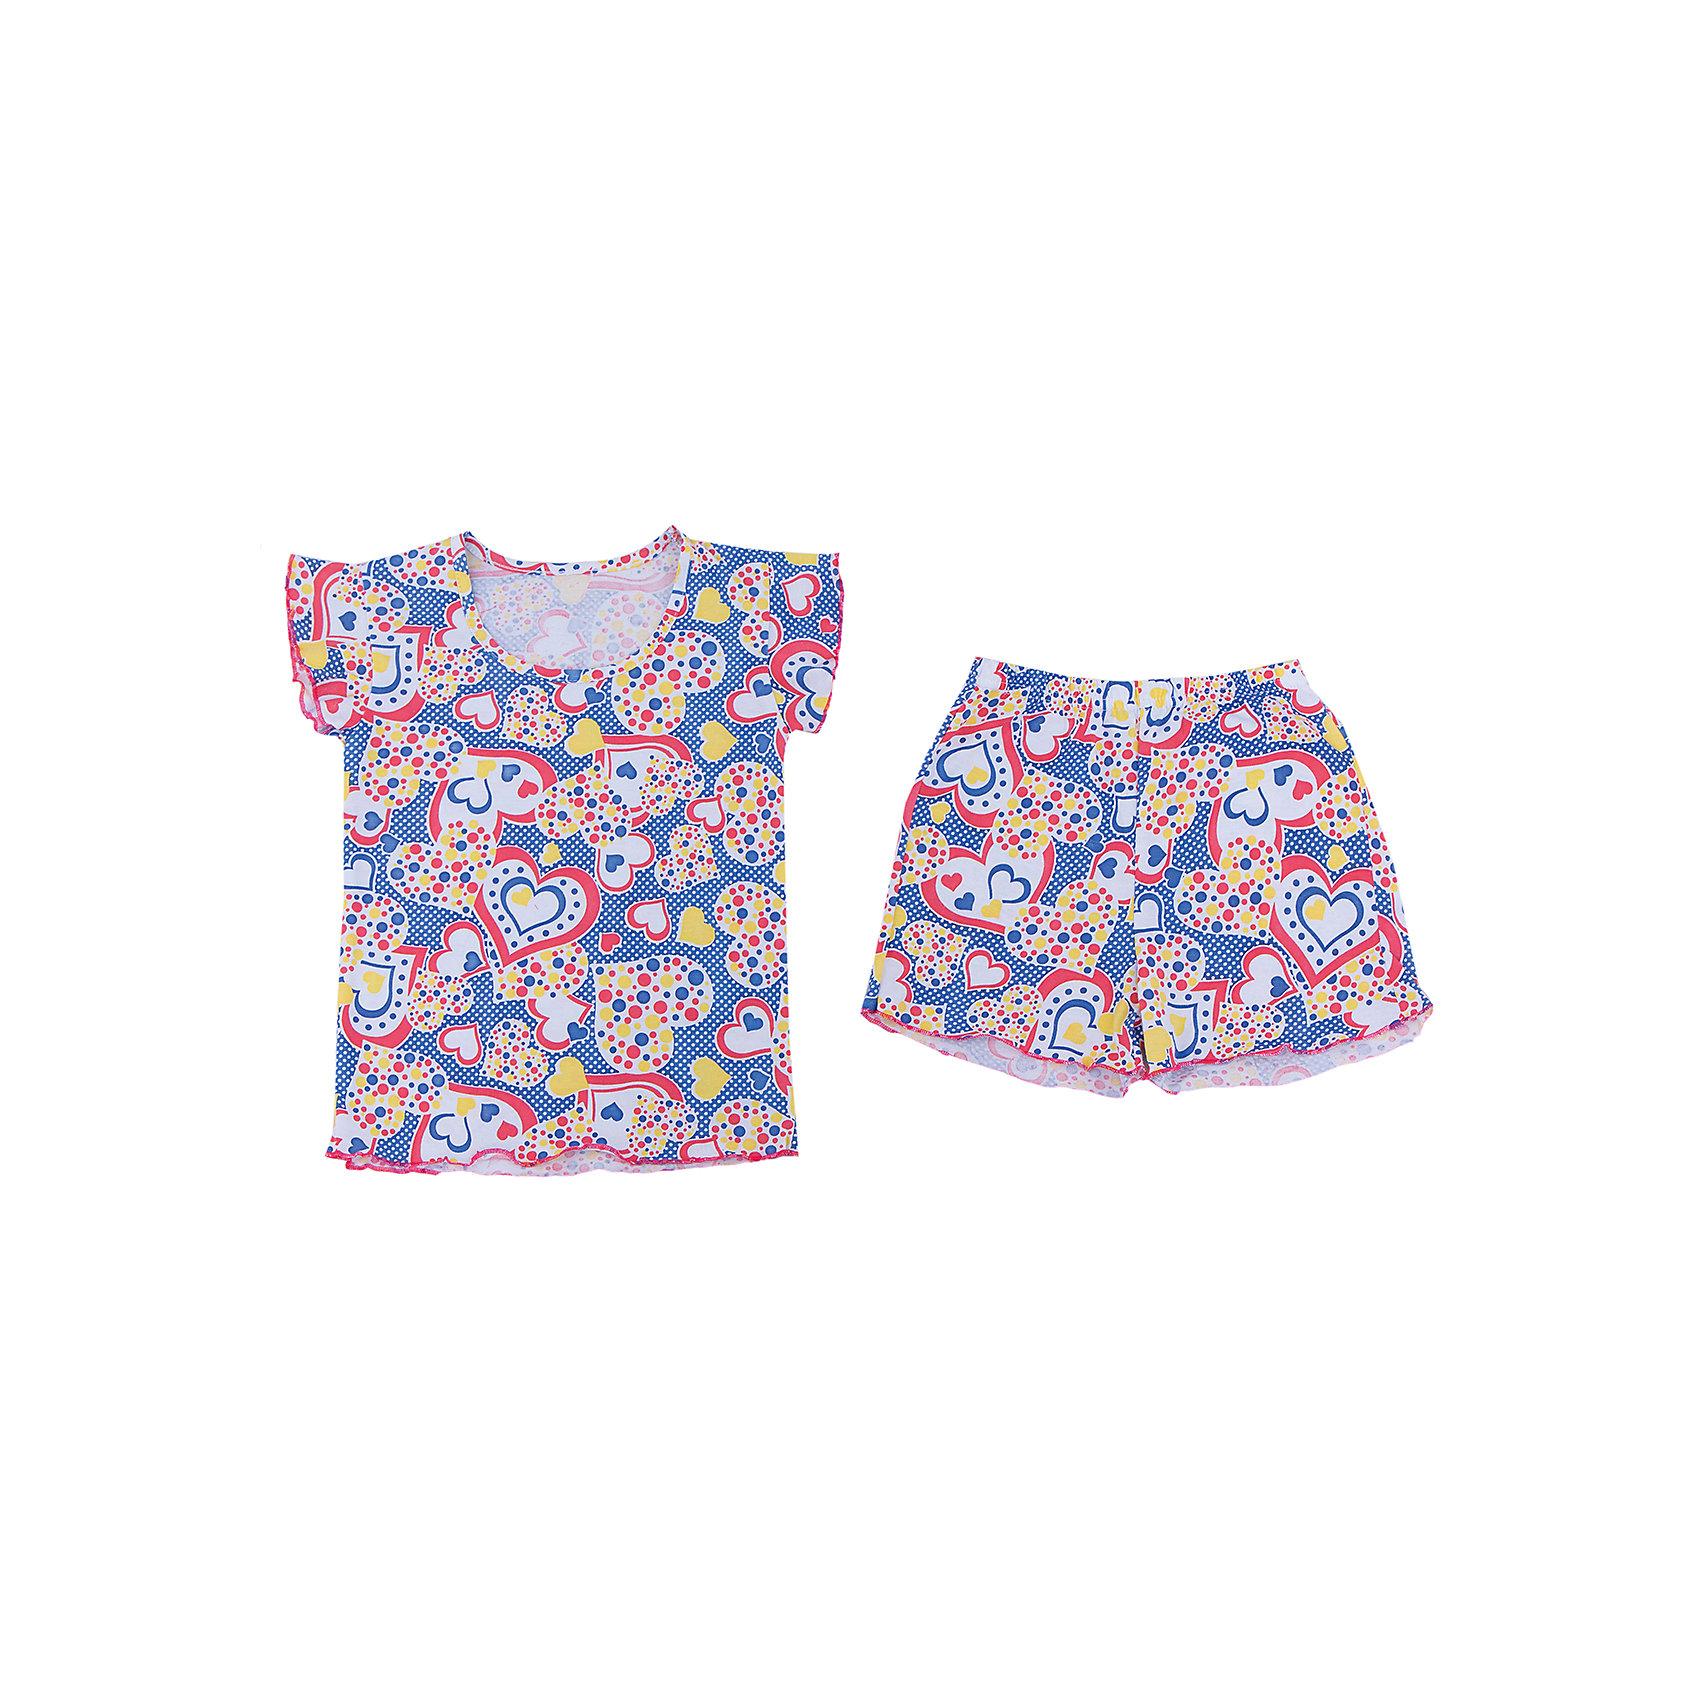 Пижама для девочки АпрельПижама для девочки Апрель.<br><br>Характеристики:<br>• состав: 100% хлопок<br>• цвет: синий/красный<br><br>Пижама для девочки от известной марки Апрель выполнена из мягкого хлопка, который подарит комфорт во время сна. Шортики и футболка имеют одинаковую расцветку в виде сердечек. Рукава футболки дополнены рюшами. В этой пижаме девочка увидит самые прекрасные сны!<br><br>Пижаму для девочки Апрель вы можете купить в нашем интернет-магазине.<br><br>Ширина мм: 281<br>Глубина мм: 70<br>Высота мм: 188<br>Вес г: 295<br>Цвет: синий/красный<br>Возраст от месяцев: 36<br>Возраст до месяцев: 48<br>Пол: Женский<br>Возраст: Детский<br>Размер: 104,110,116,122,128,134,140,146<br>SKU: 4936776